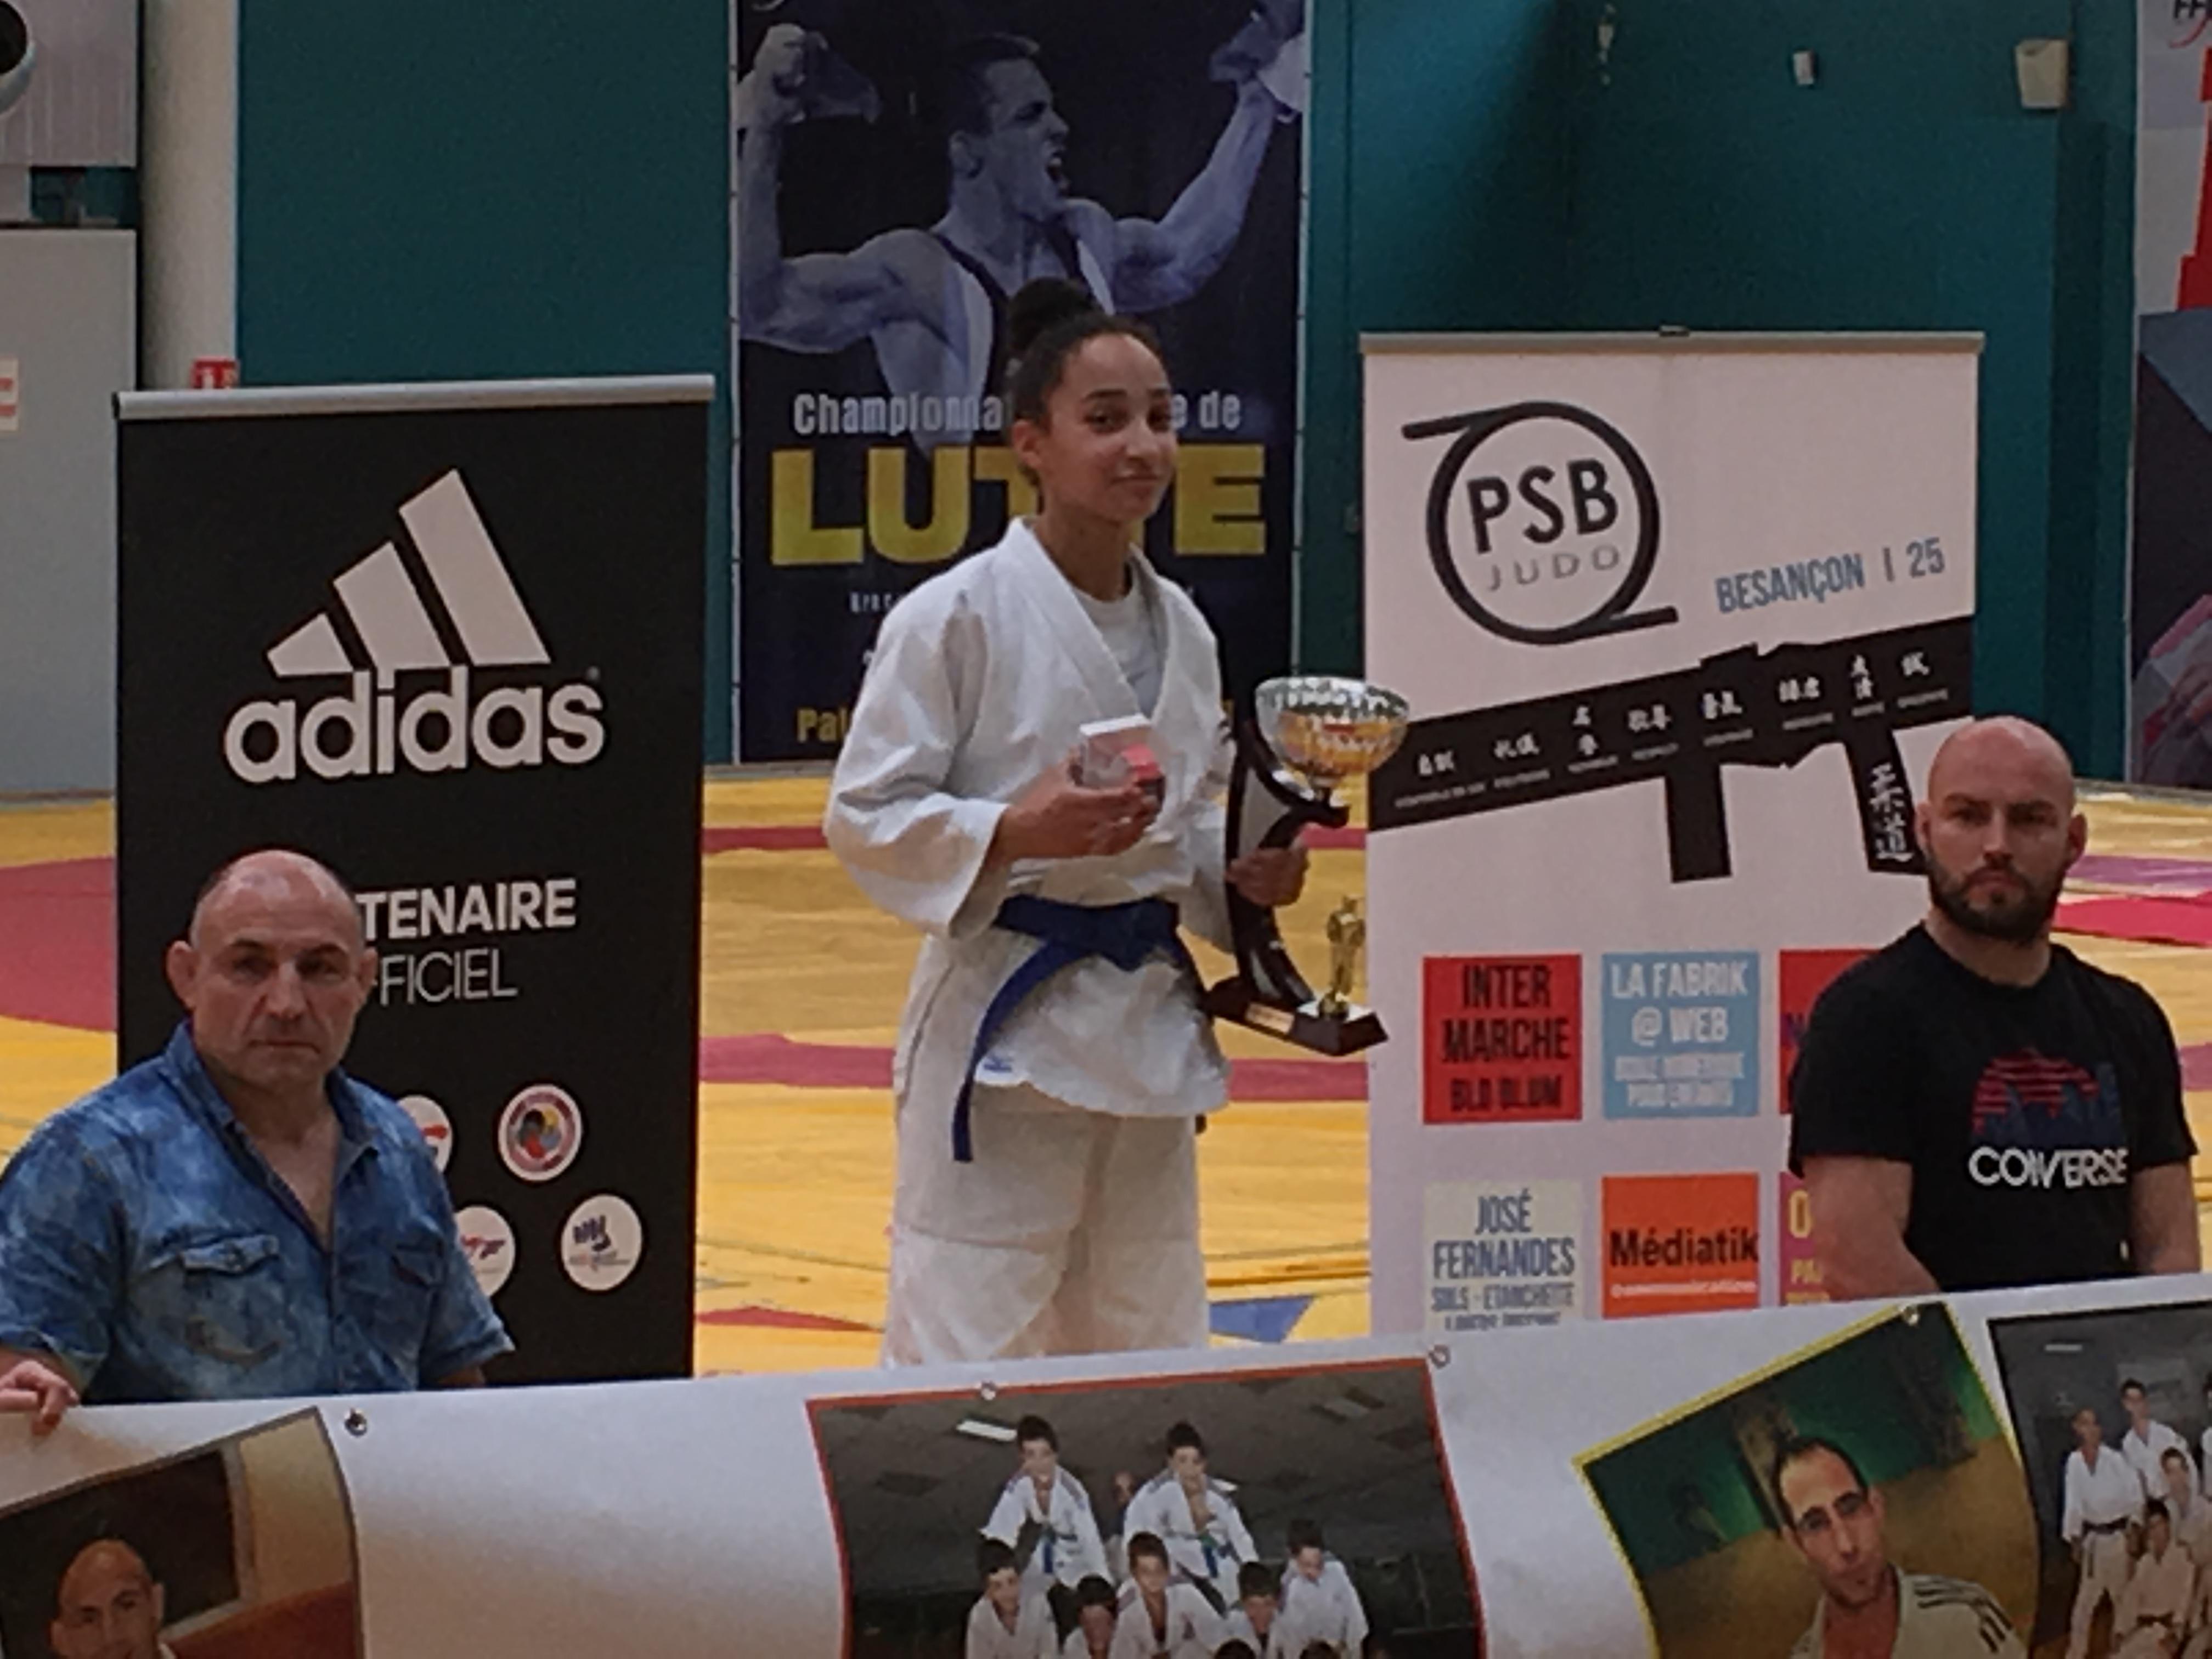 Résultats de l'Open Adidas de Judo à Besançon